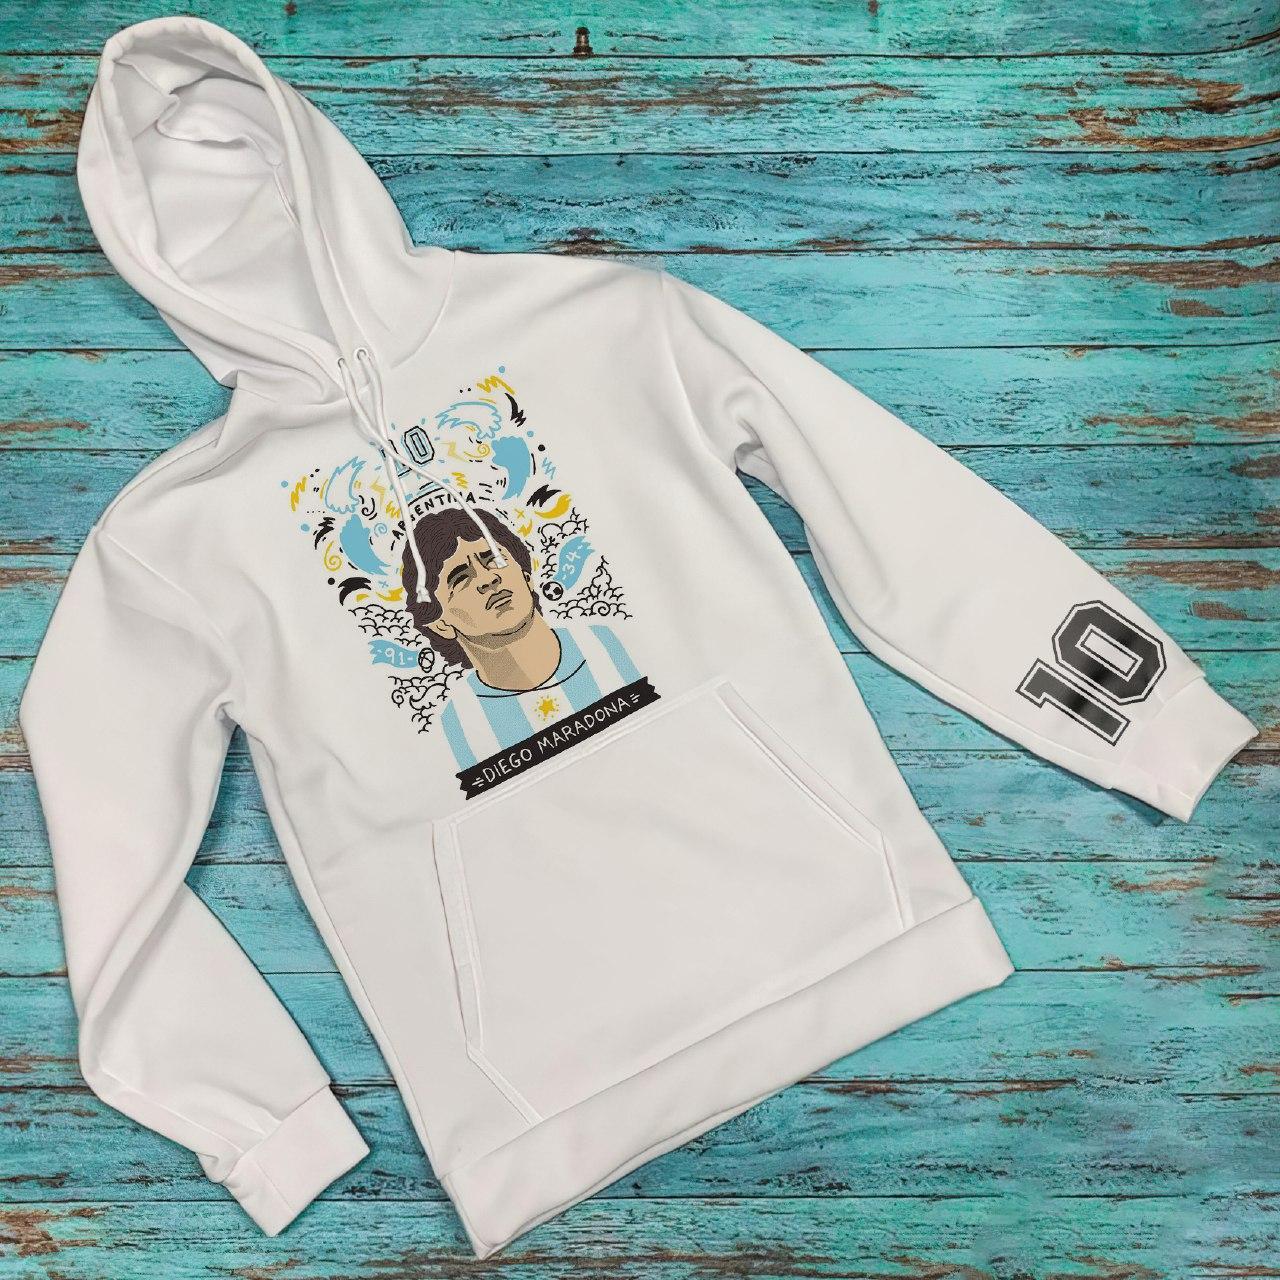 Худи Diego Maradona мерч толстовка белая